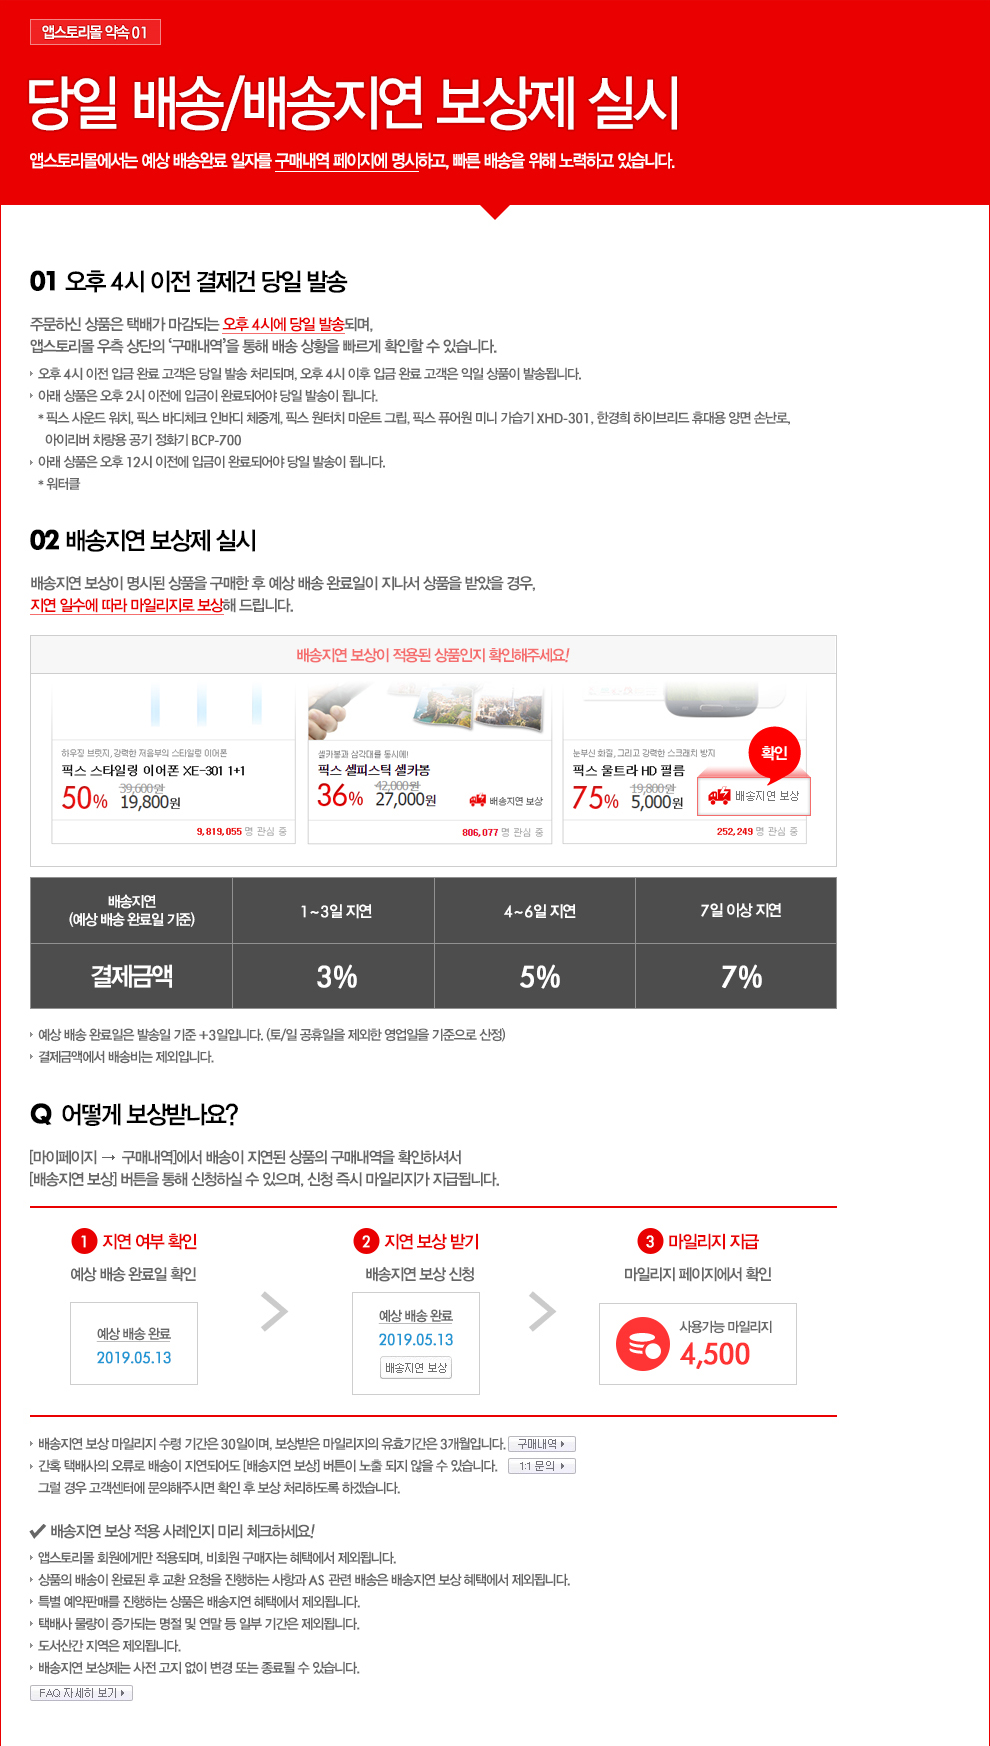 앱스토리몰 약속 01 - 당일 배송/배송지연 보상제 실시